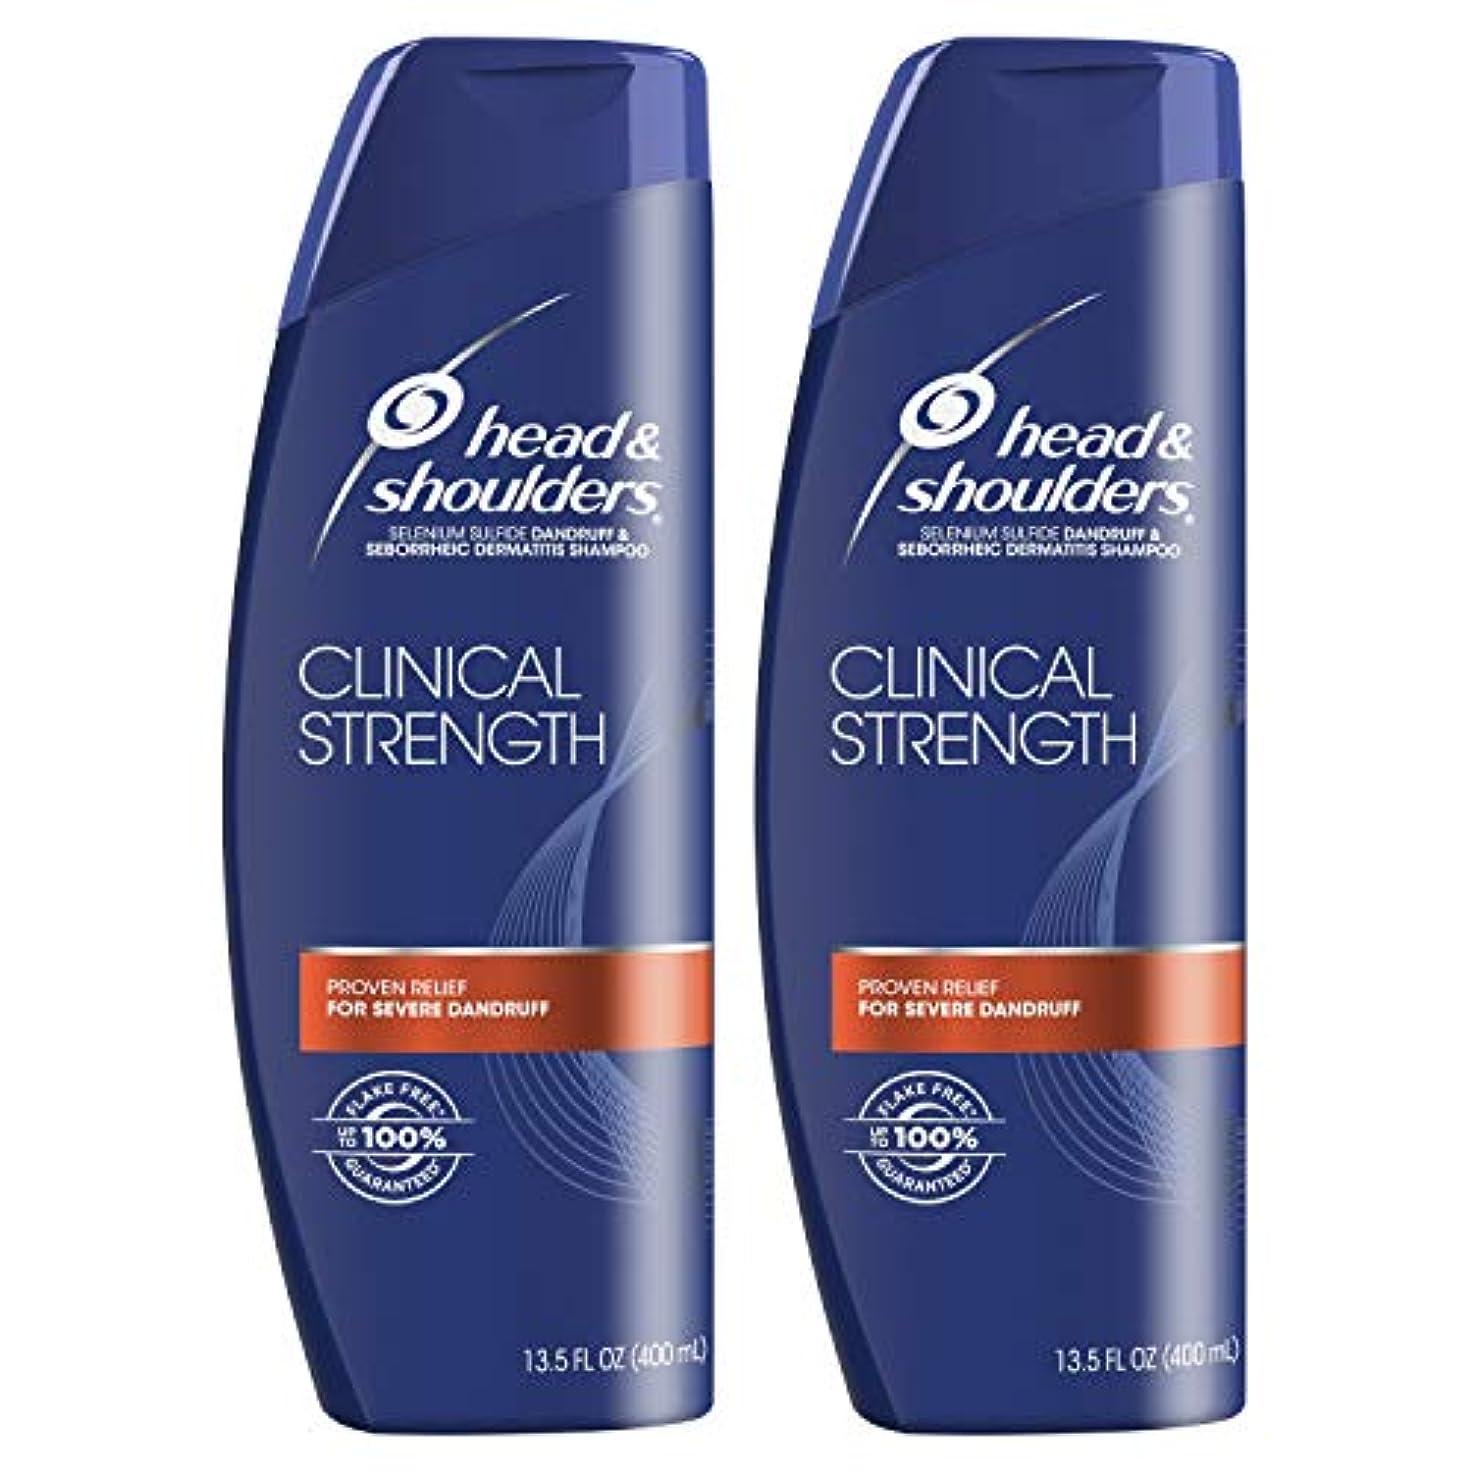 食い違い反論者メロンHead and Shoulders Clinical Strength Dandruff and Seborrheic Dermatitisシャンプー、13.5 FL OZ